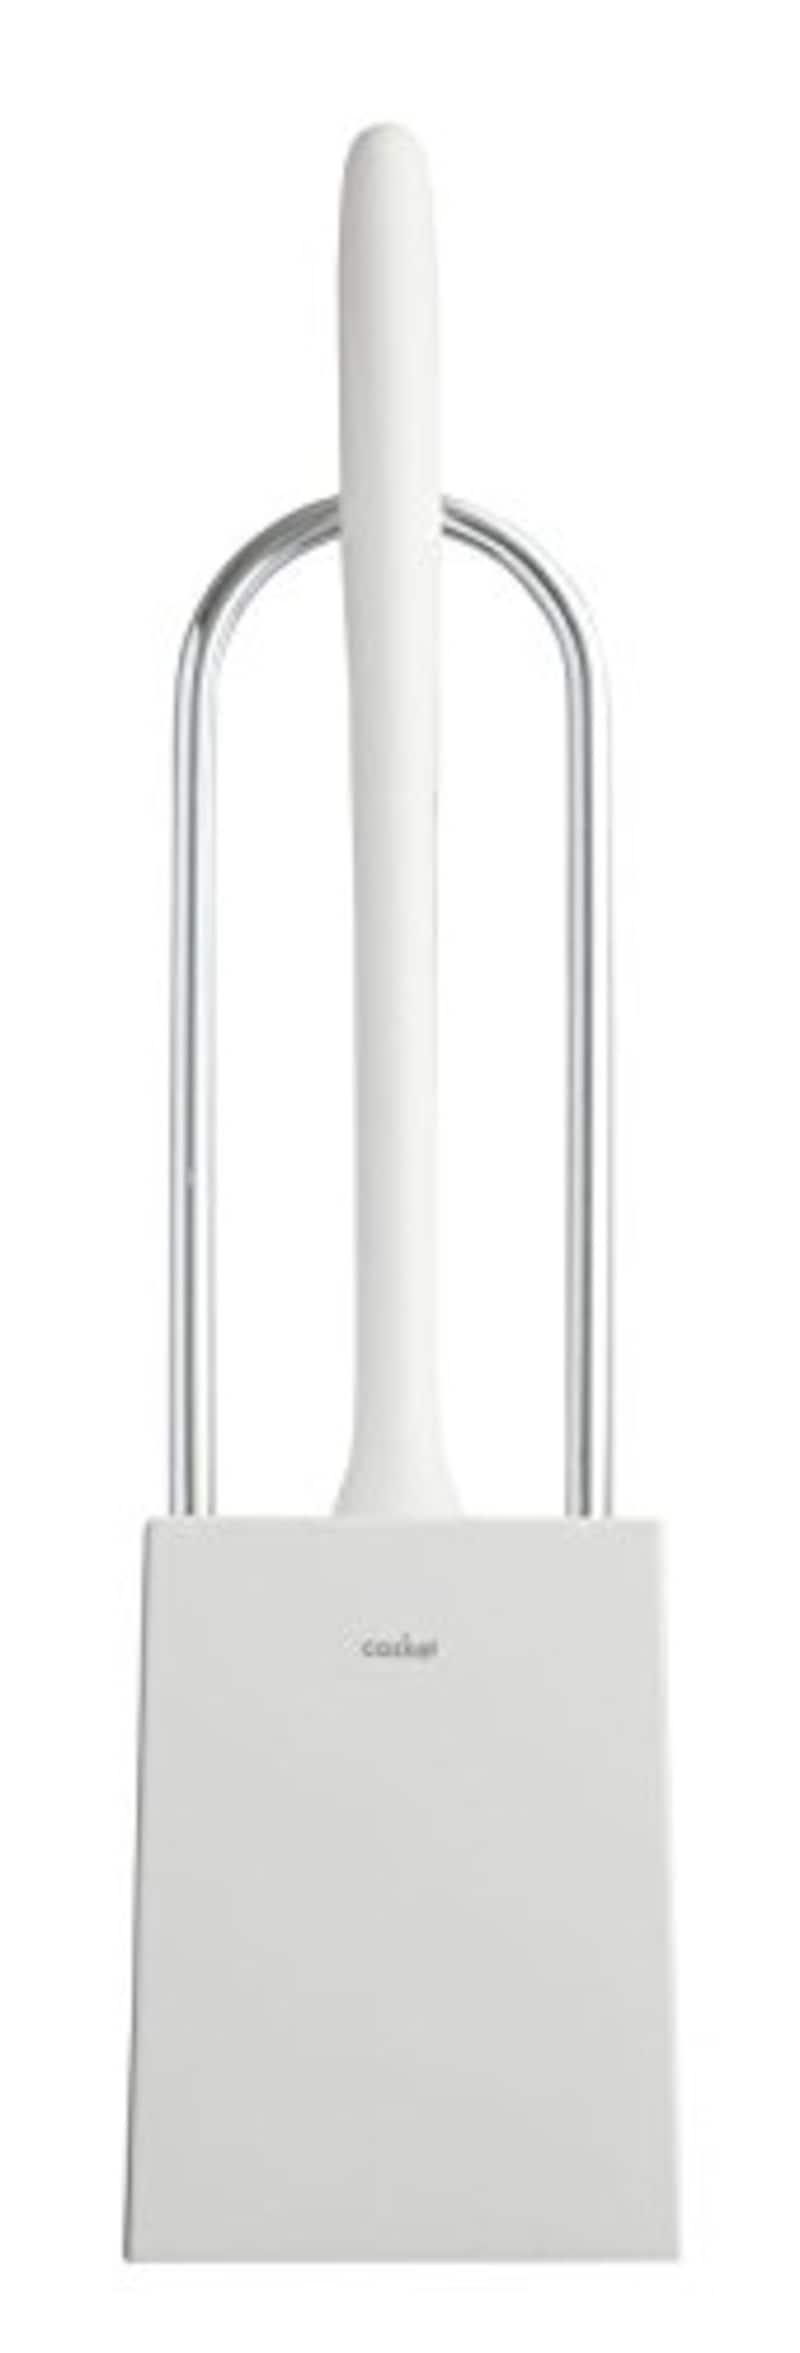 aisen(アイセン工業),ckトイレブラシケース付 ホワイト,TN201-45701